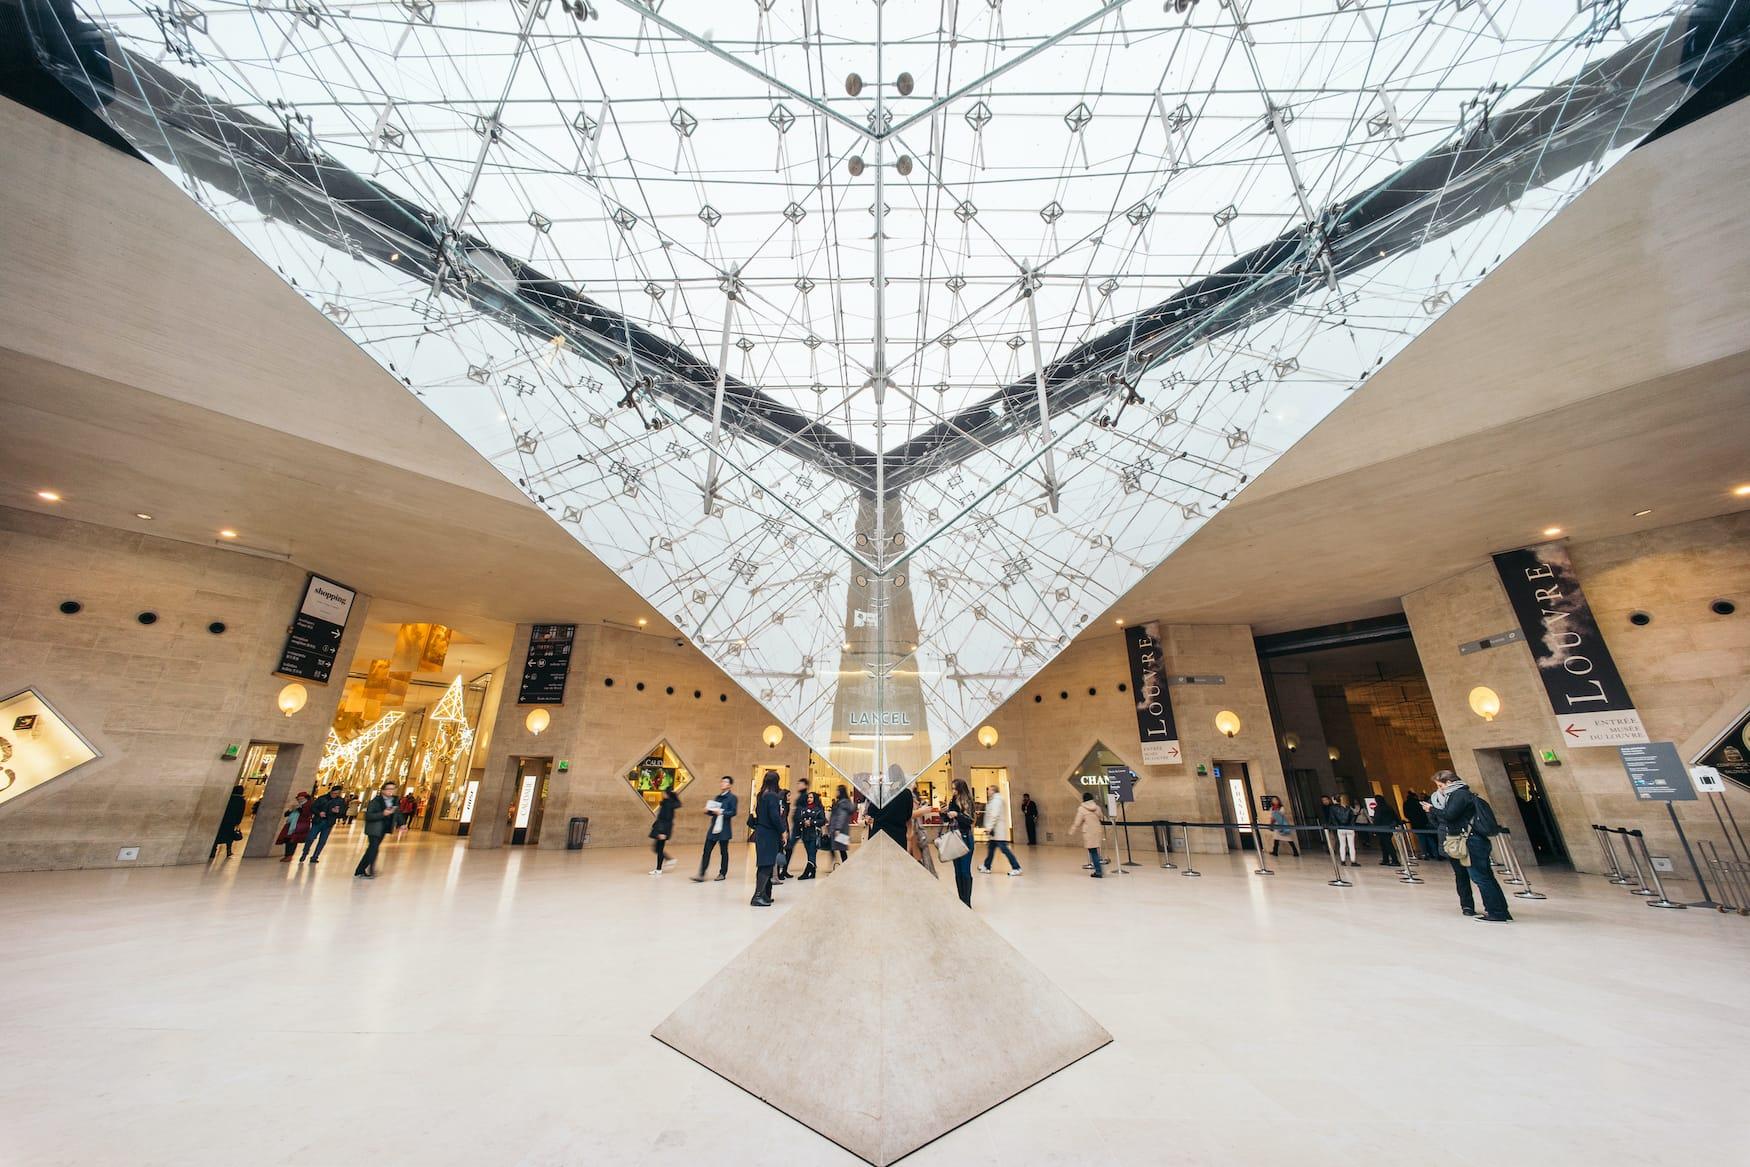 Tipp für einen stressfreien Besuch im Louvre: Nicht den Haupteingang benutzen